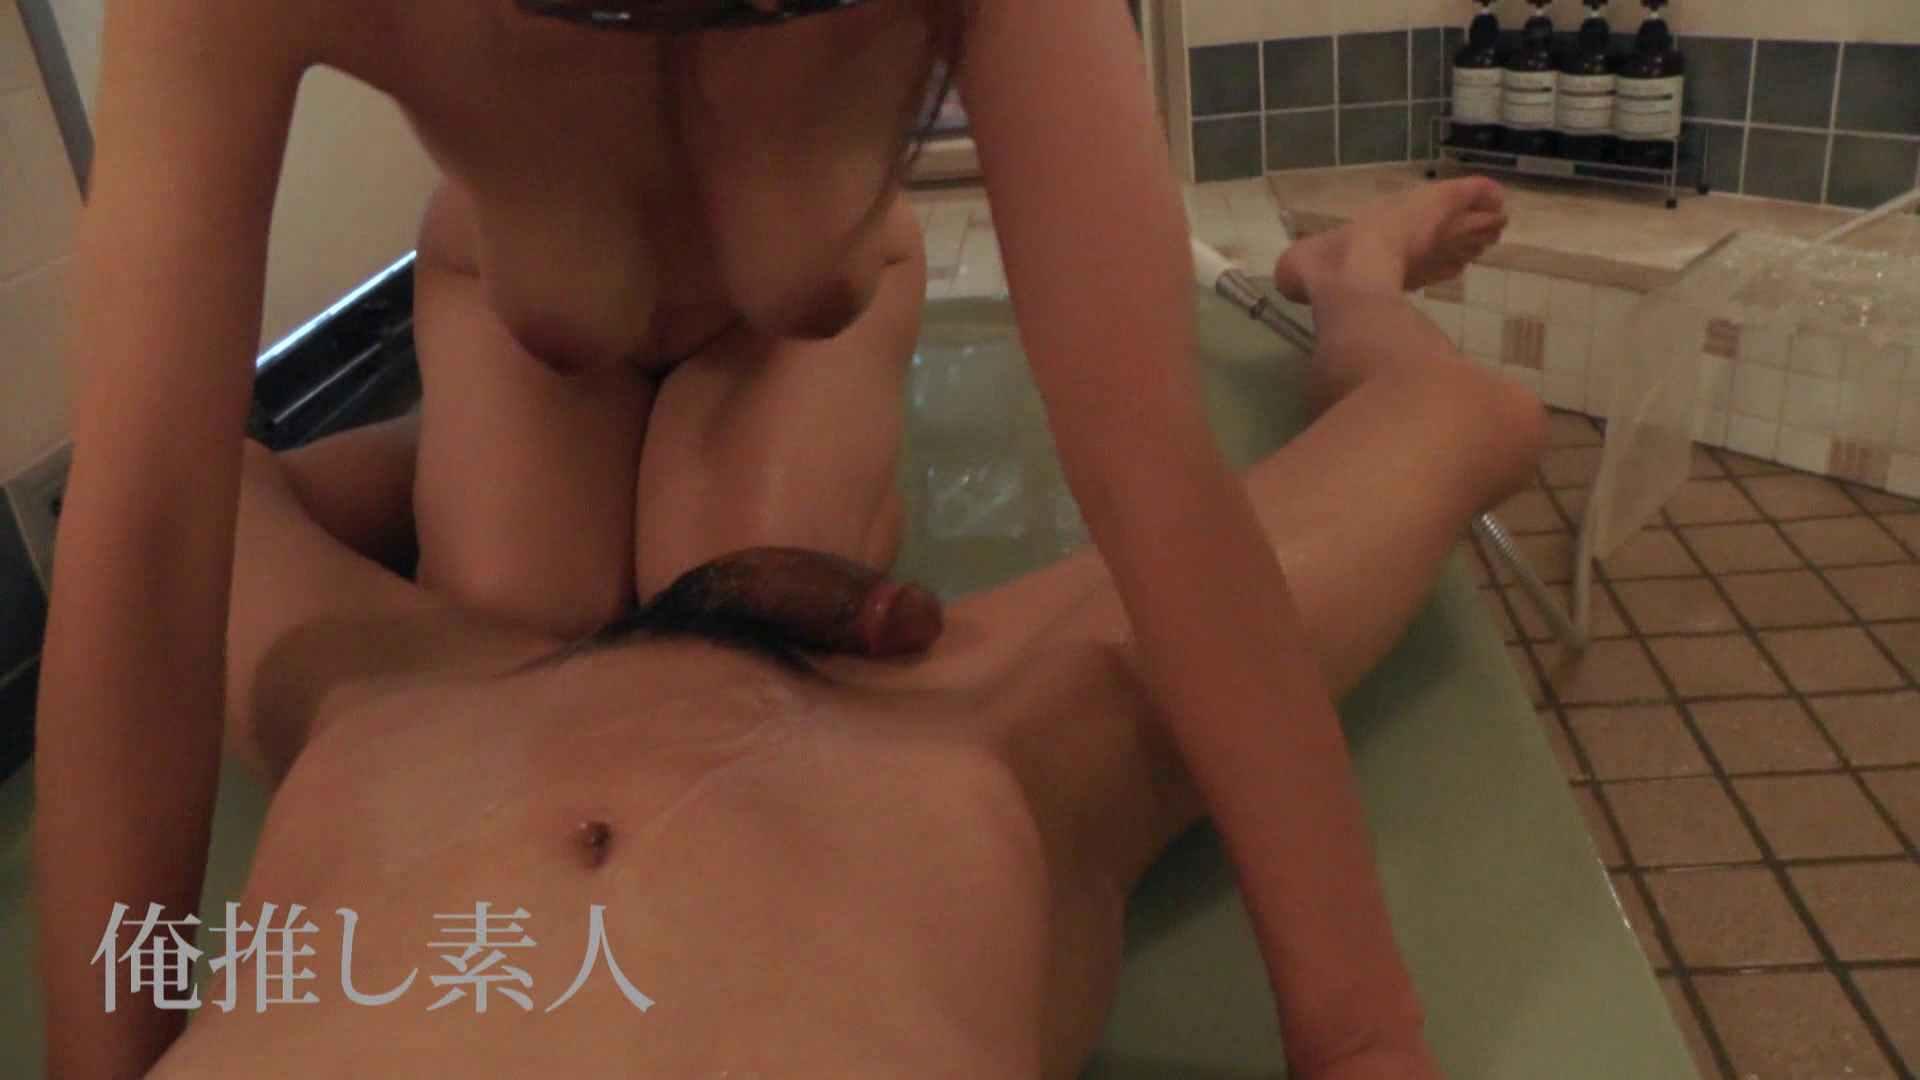 俺推し素人 30代人妻熟女キャバ嬢雫Vol.02 おっぱい おまんこ動画流出 71PIX 39